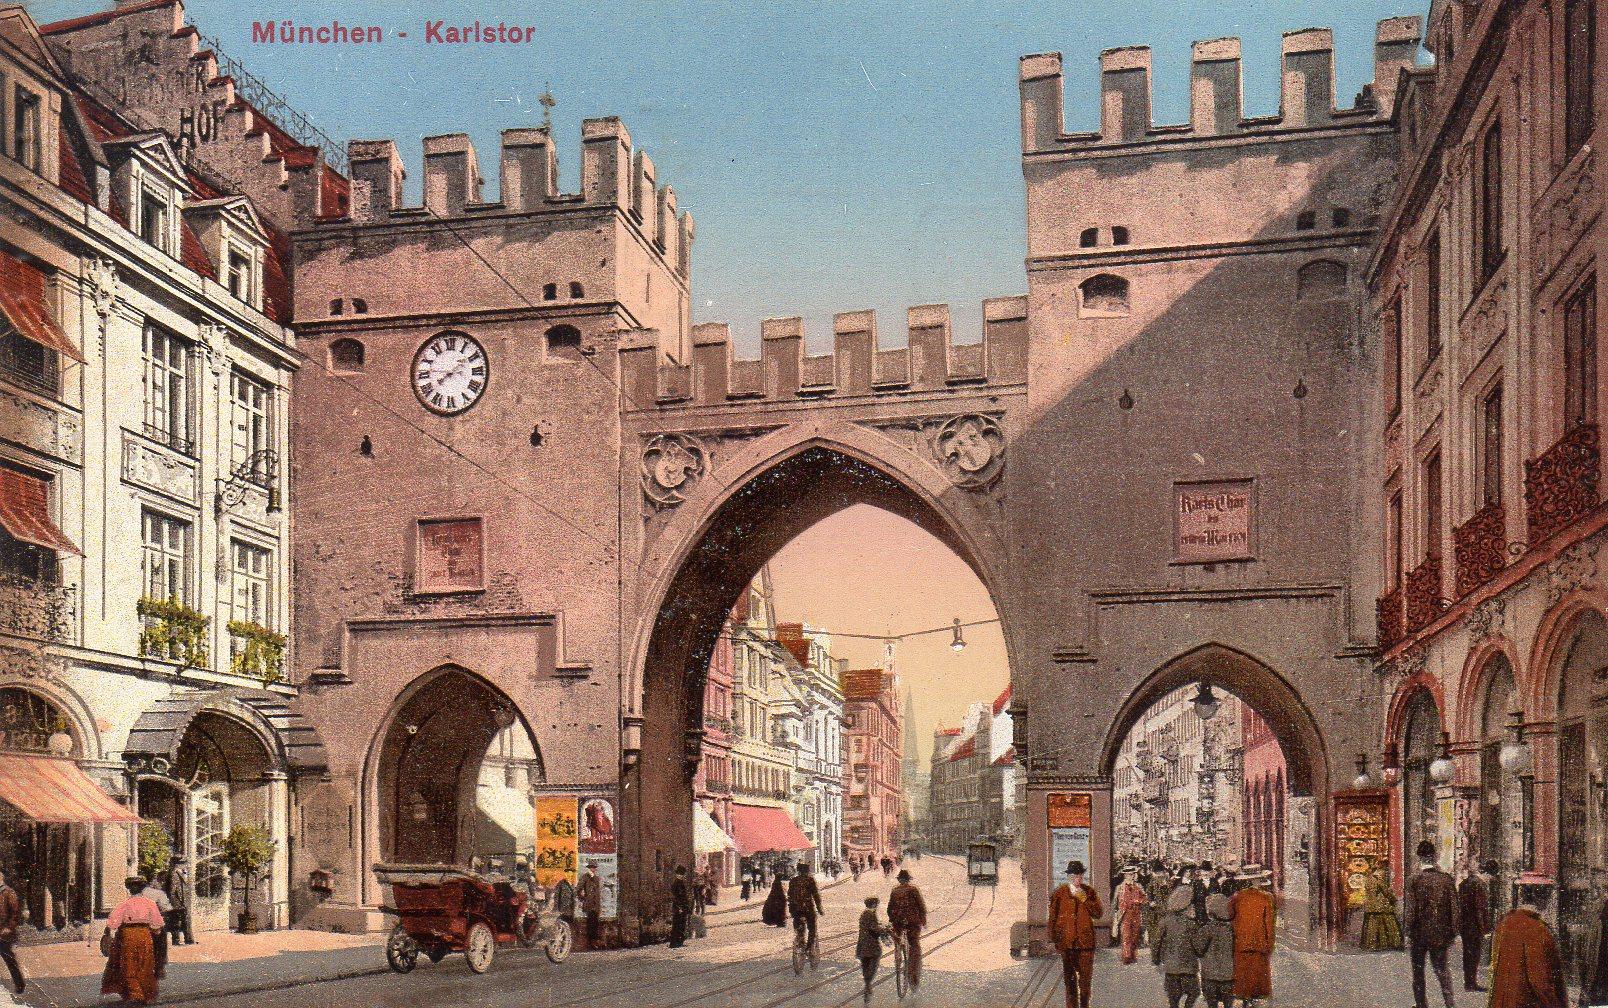 München, Karlstor